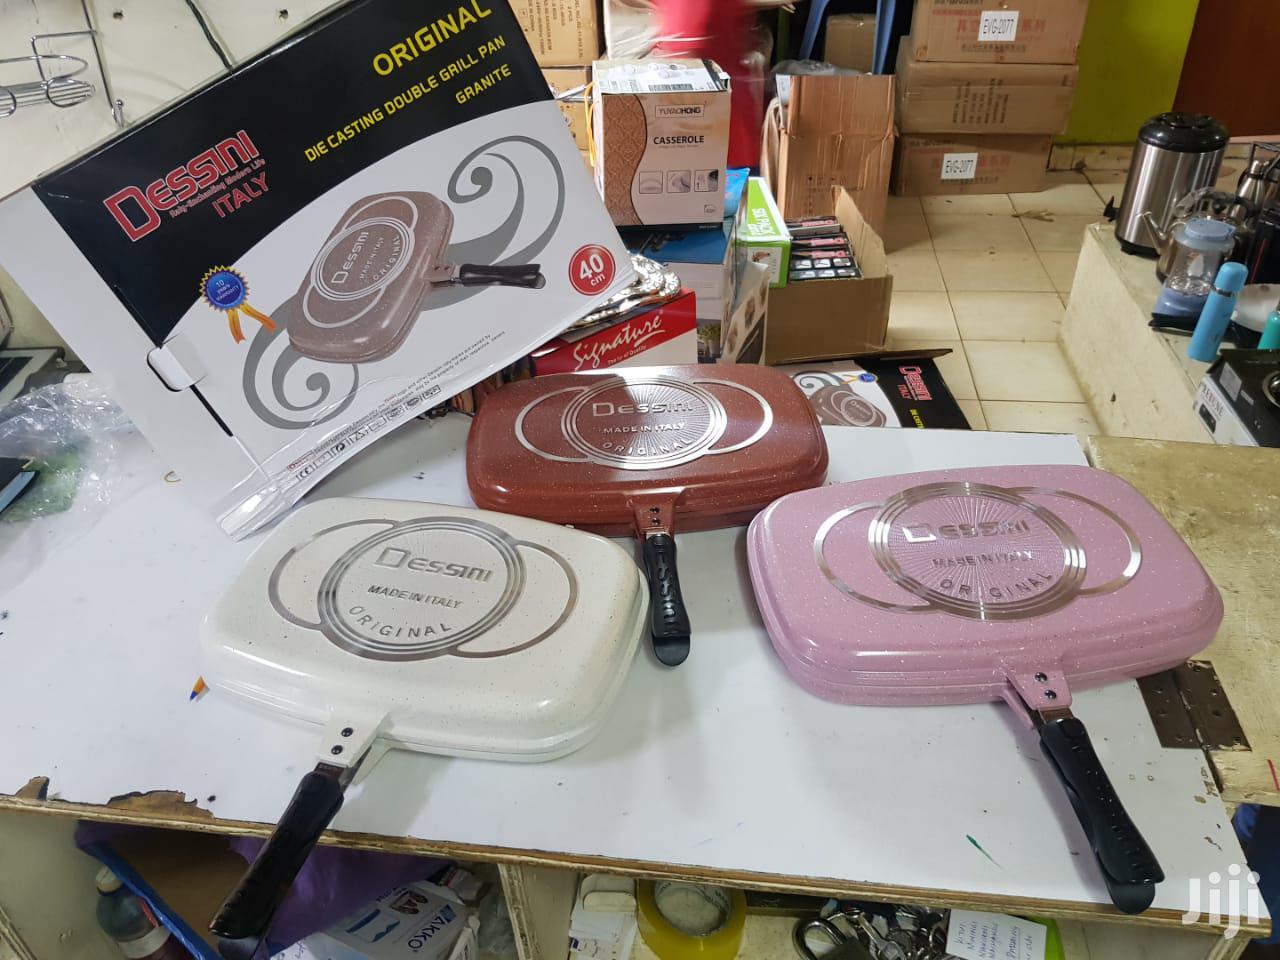 Dessini Coloured Granite Double Grill Pan. 40cm